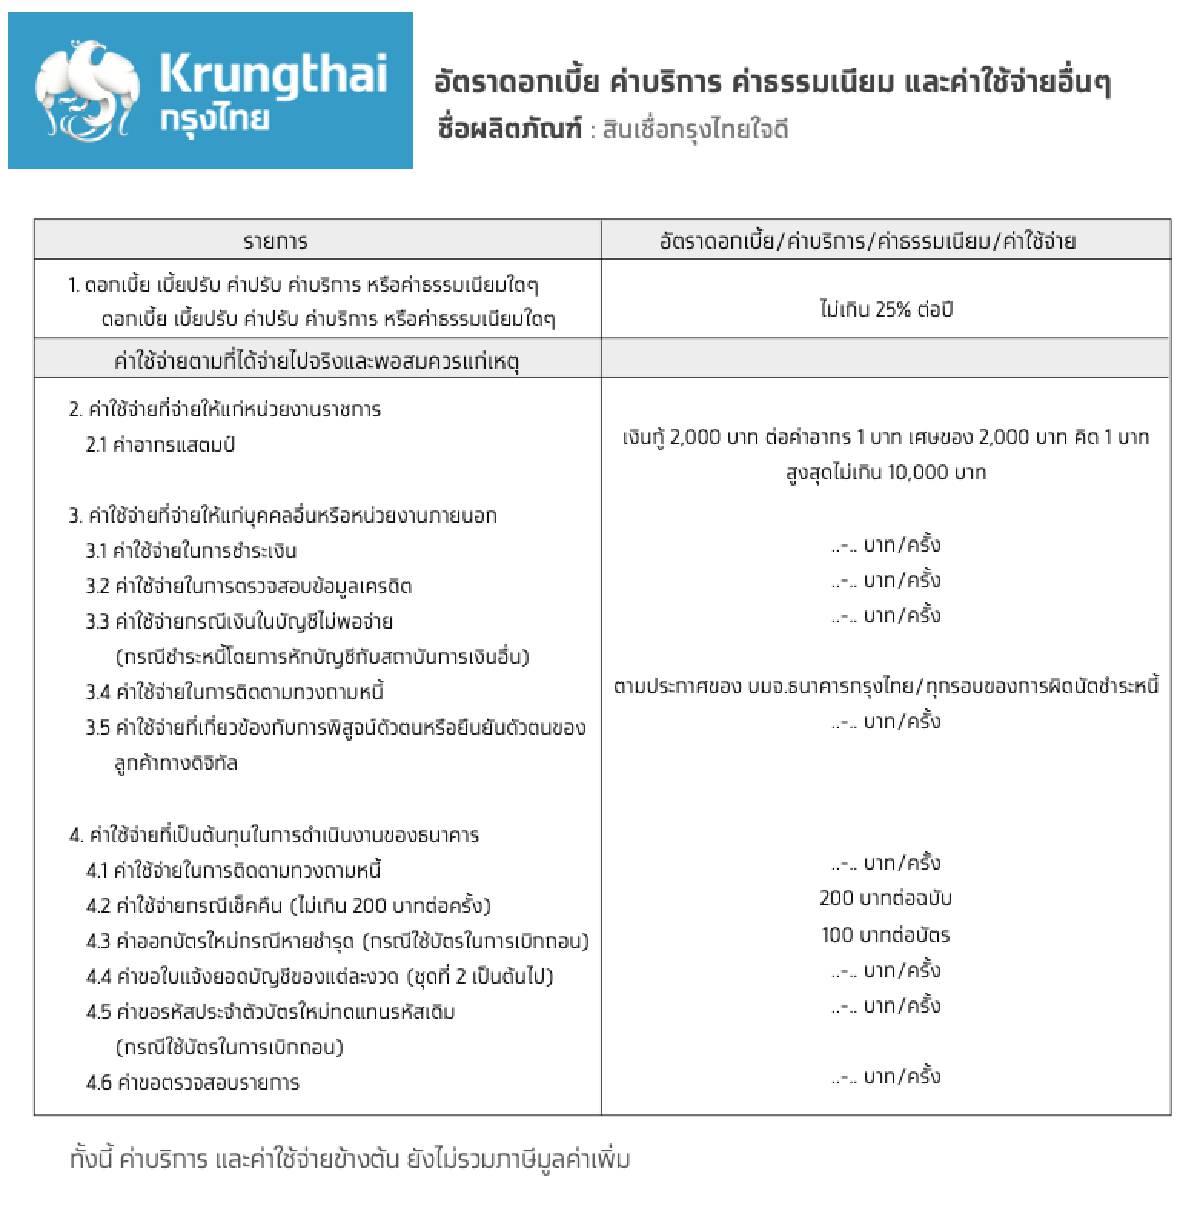 สินเชื่อกรุงไทยใจดี เปิดให้กู้ 1 แสนบาท สมัคร Krungthai NEXT รู้ผลทันที 5 นาที